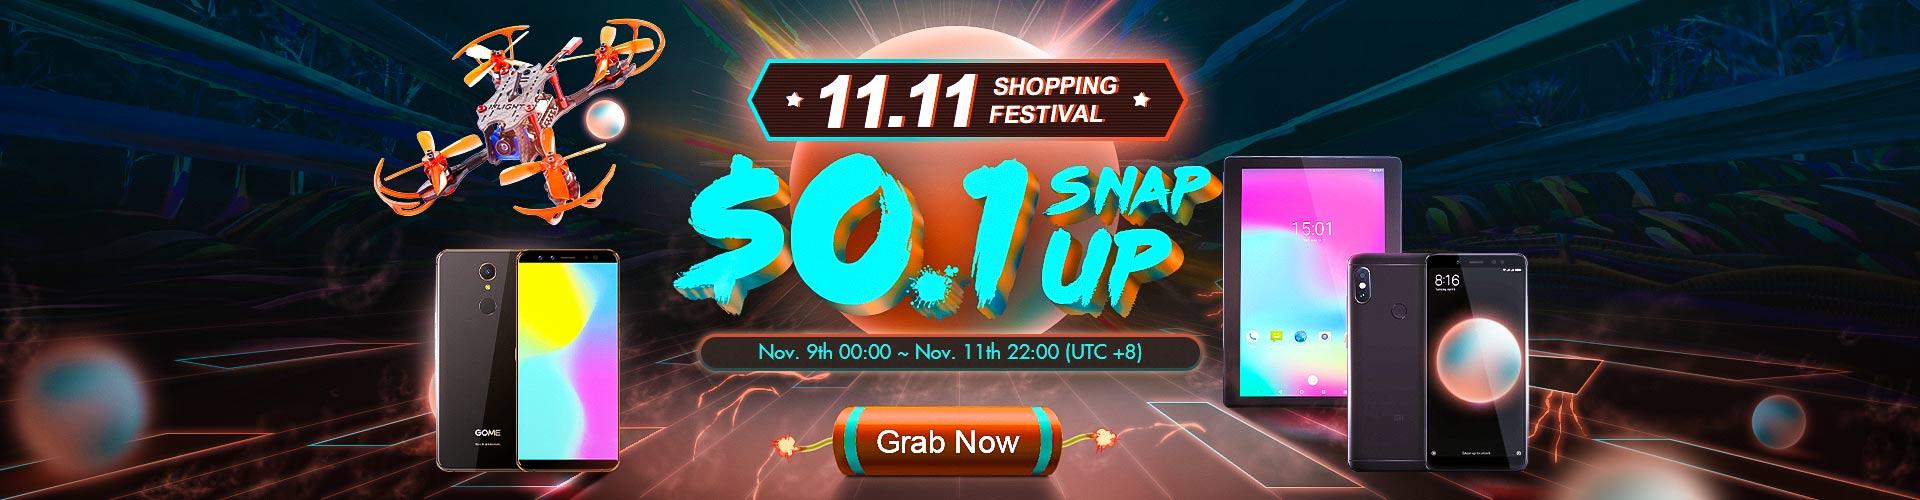 11.11 Banggood: Encontre os melhores artigos ao melhor preço